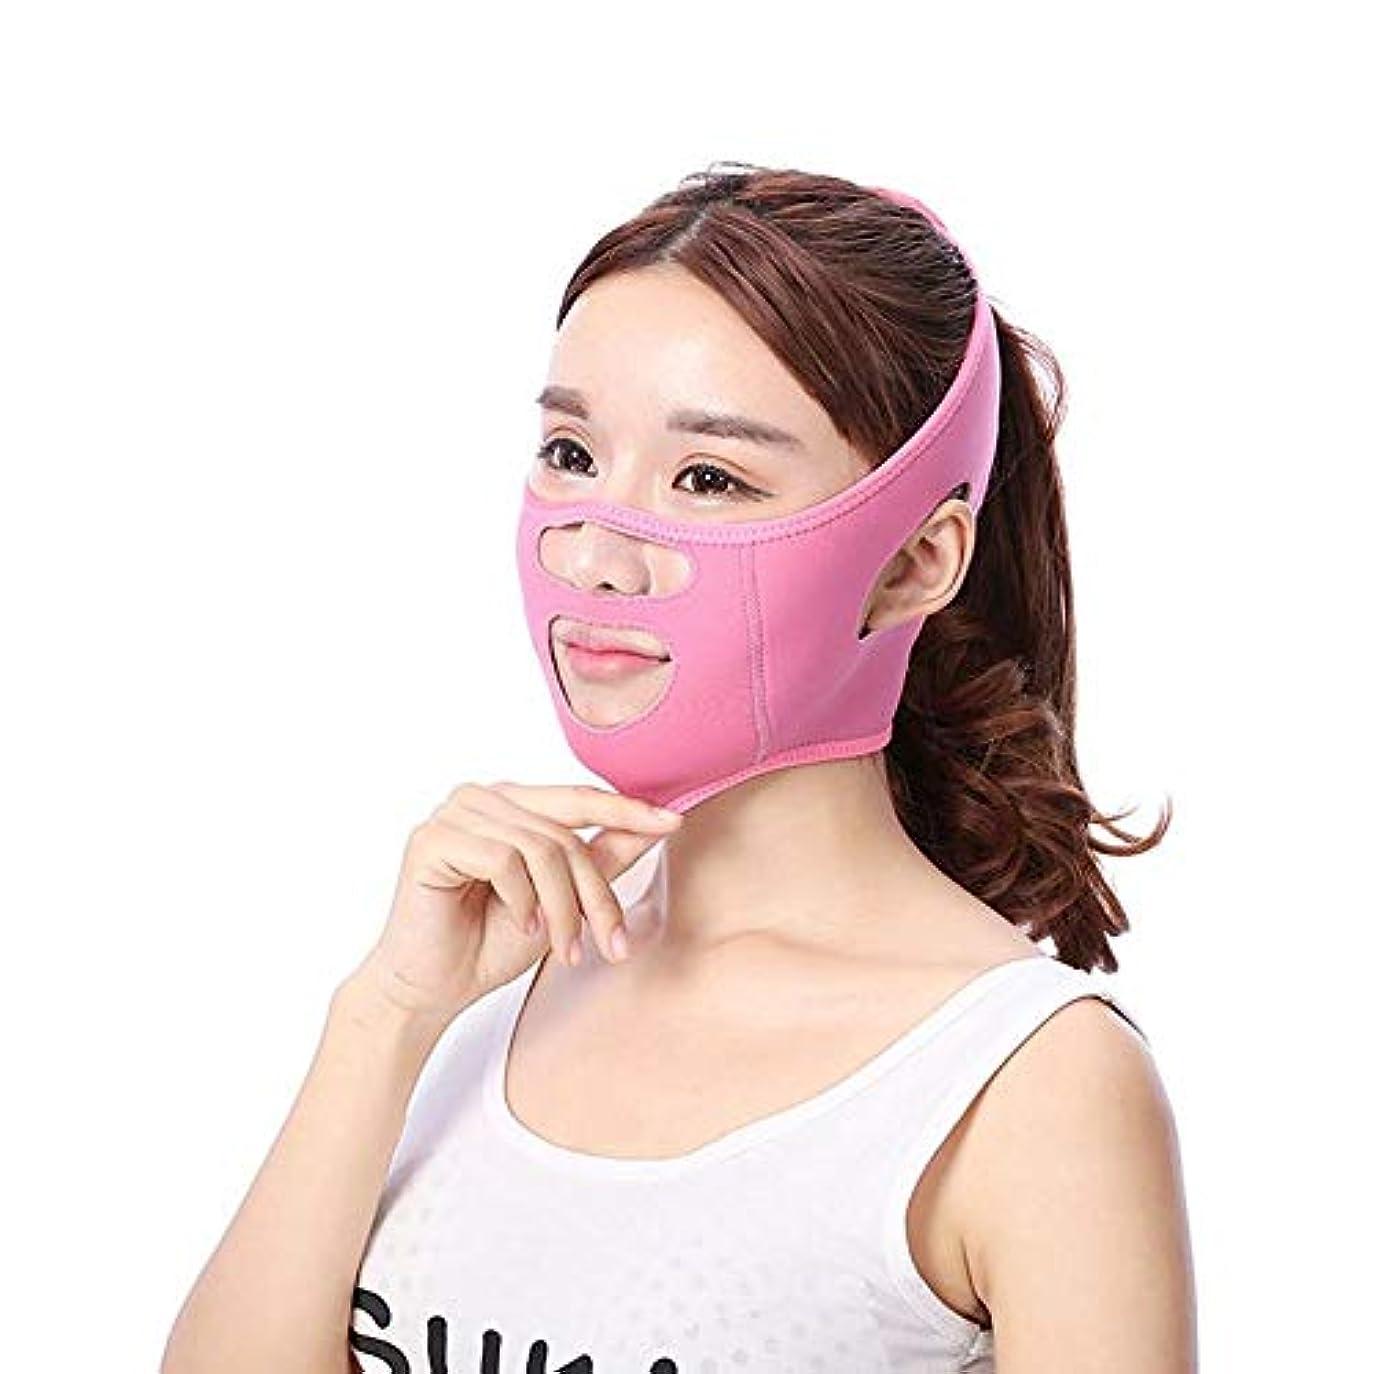 偶然の逸脱対人GYZ シンフェイスアーティファクトリフティング引き締めフェイス睡眠包帯フェイシャルリフティングアンチ垂れ下がり法律パターンステッカー8ワード口角 - ピンク Thin Face Belt